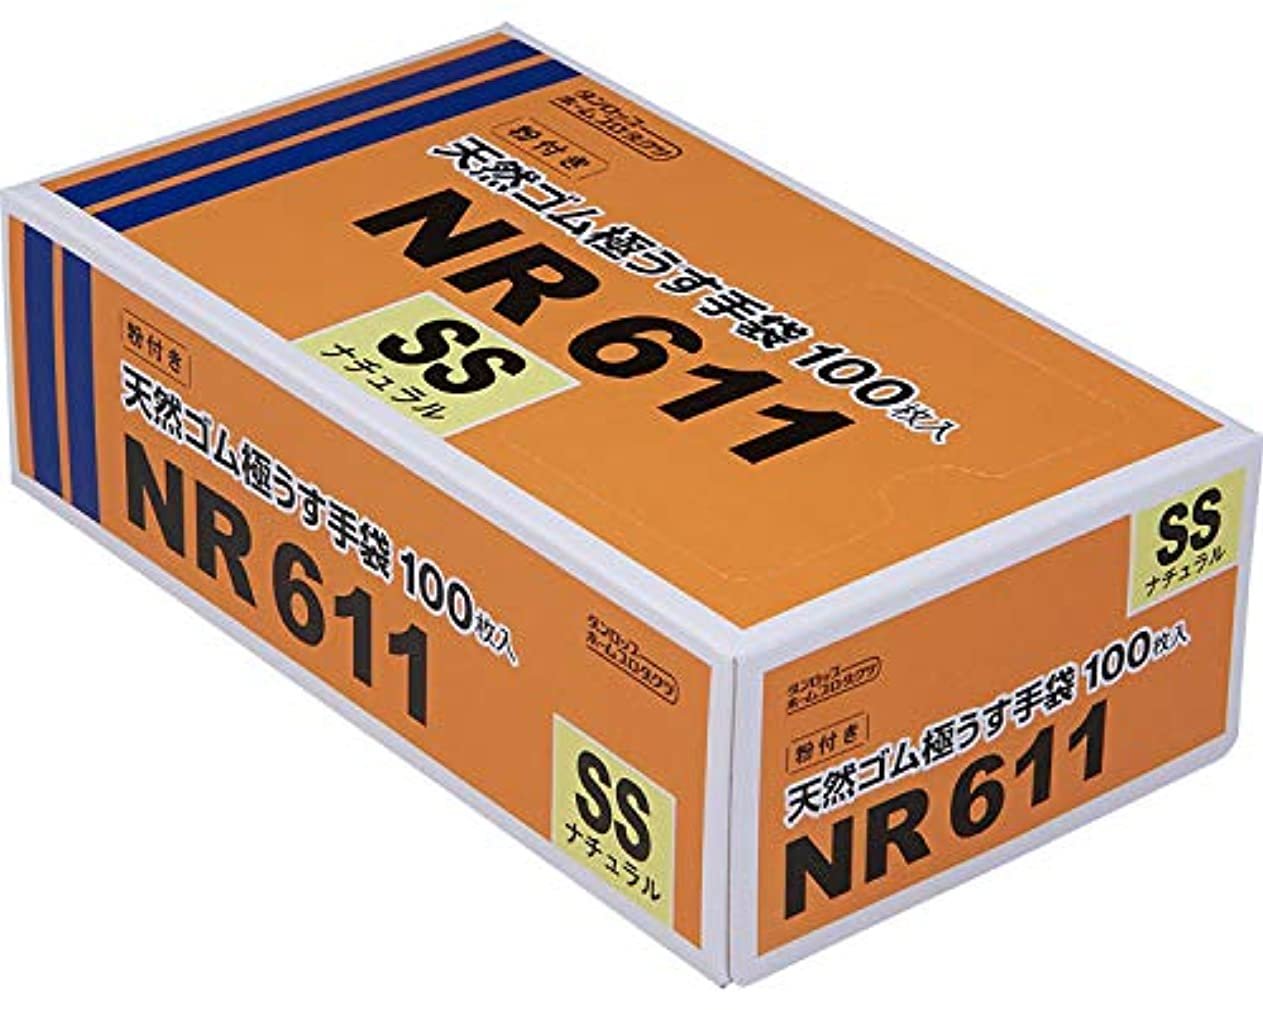 アクティブリスナー道【ダンロップ】粉付天然ゴム極うす手袋ナチュラル(20箱入)NR611 (1ケース, SSサイズ)